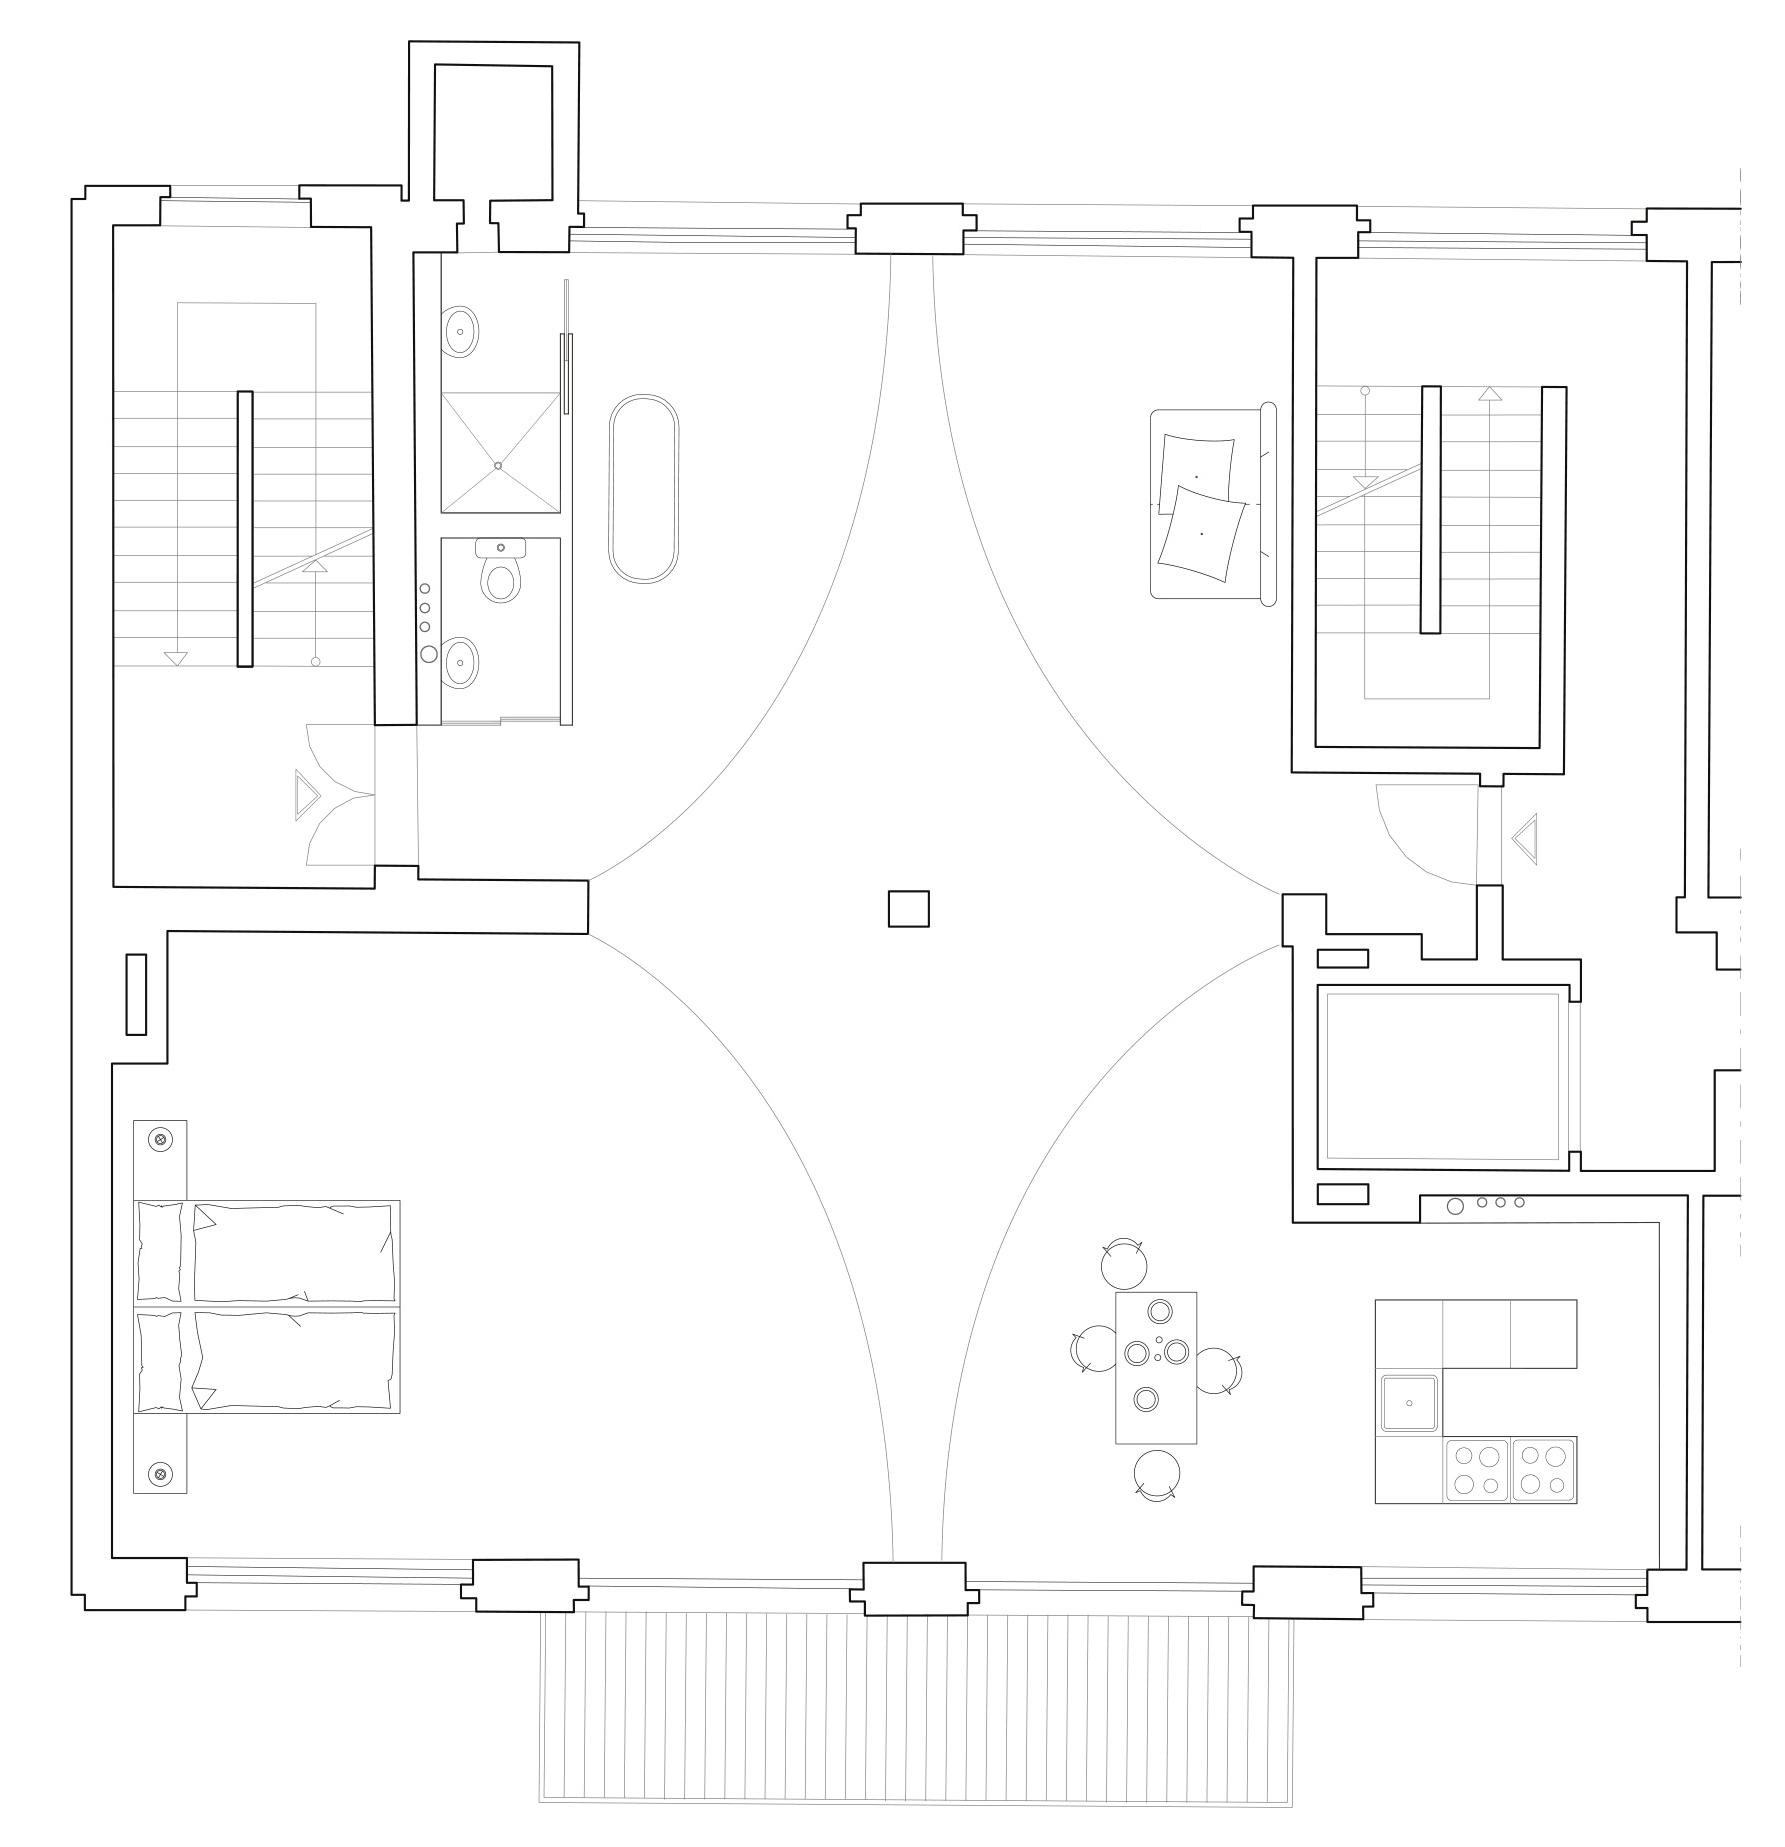 LoftP_01-2-23